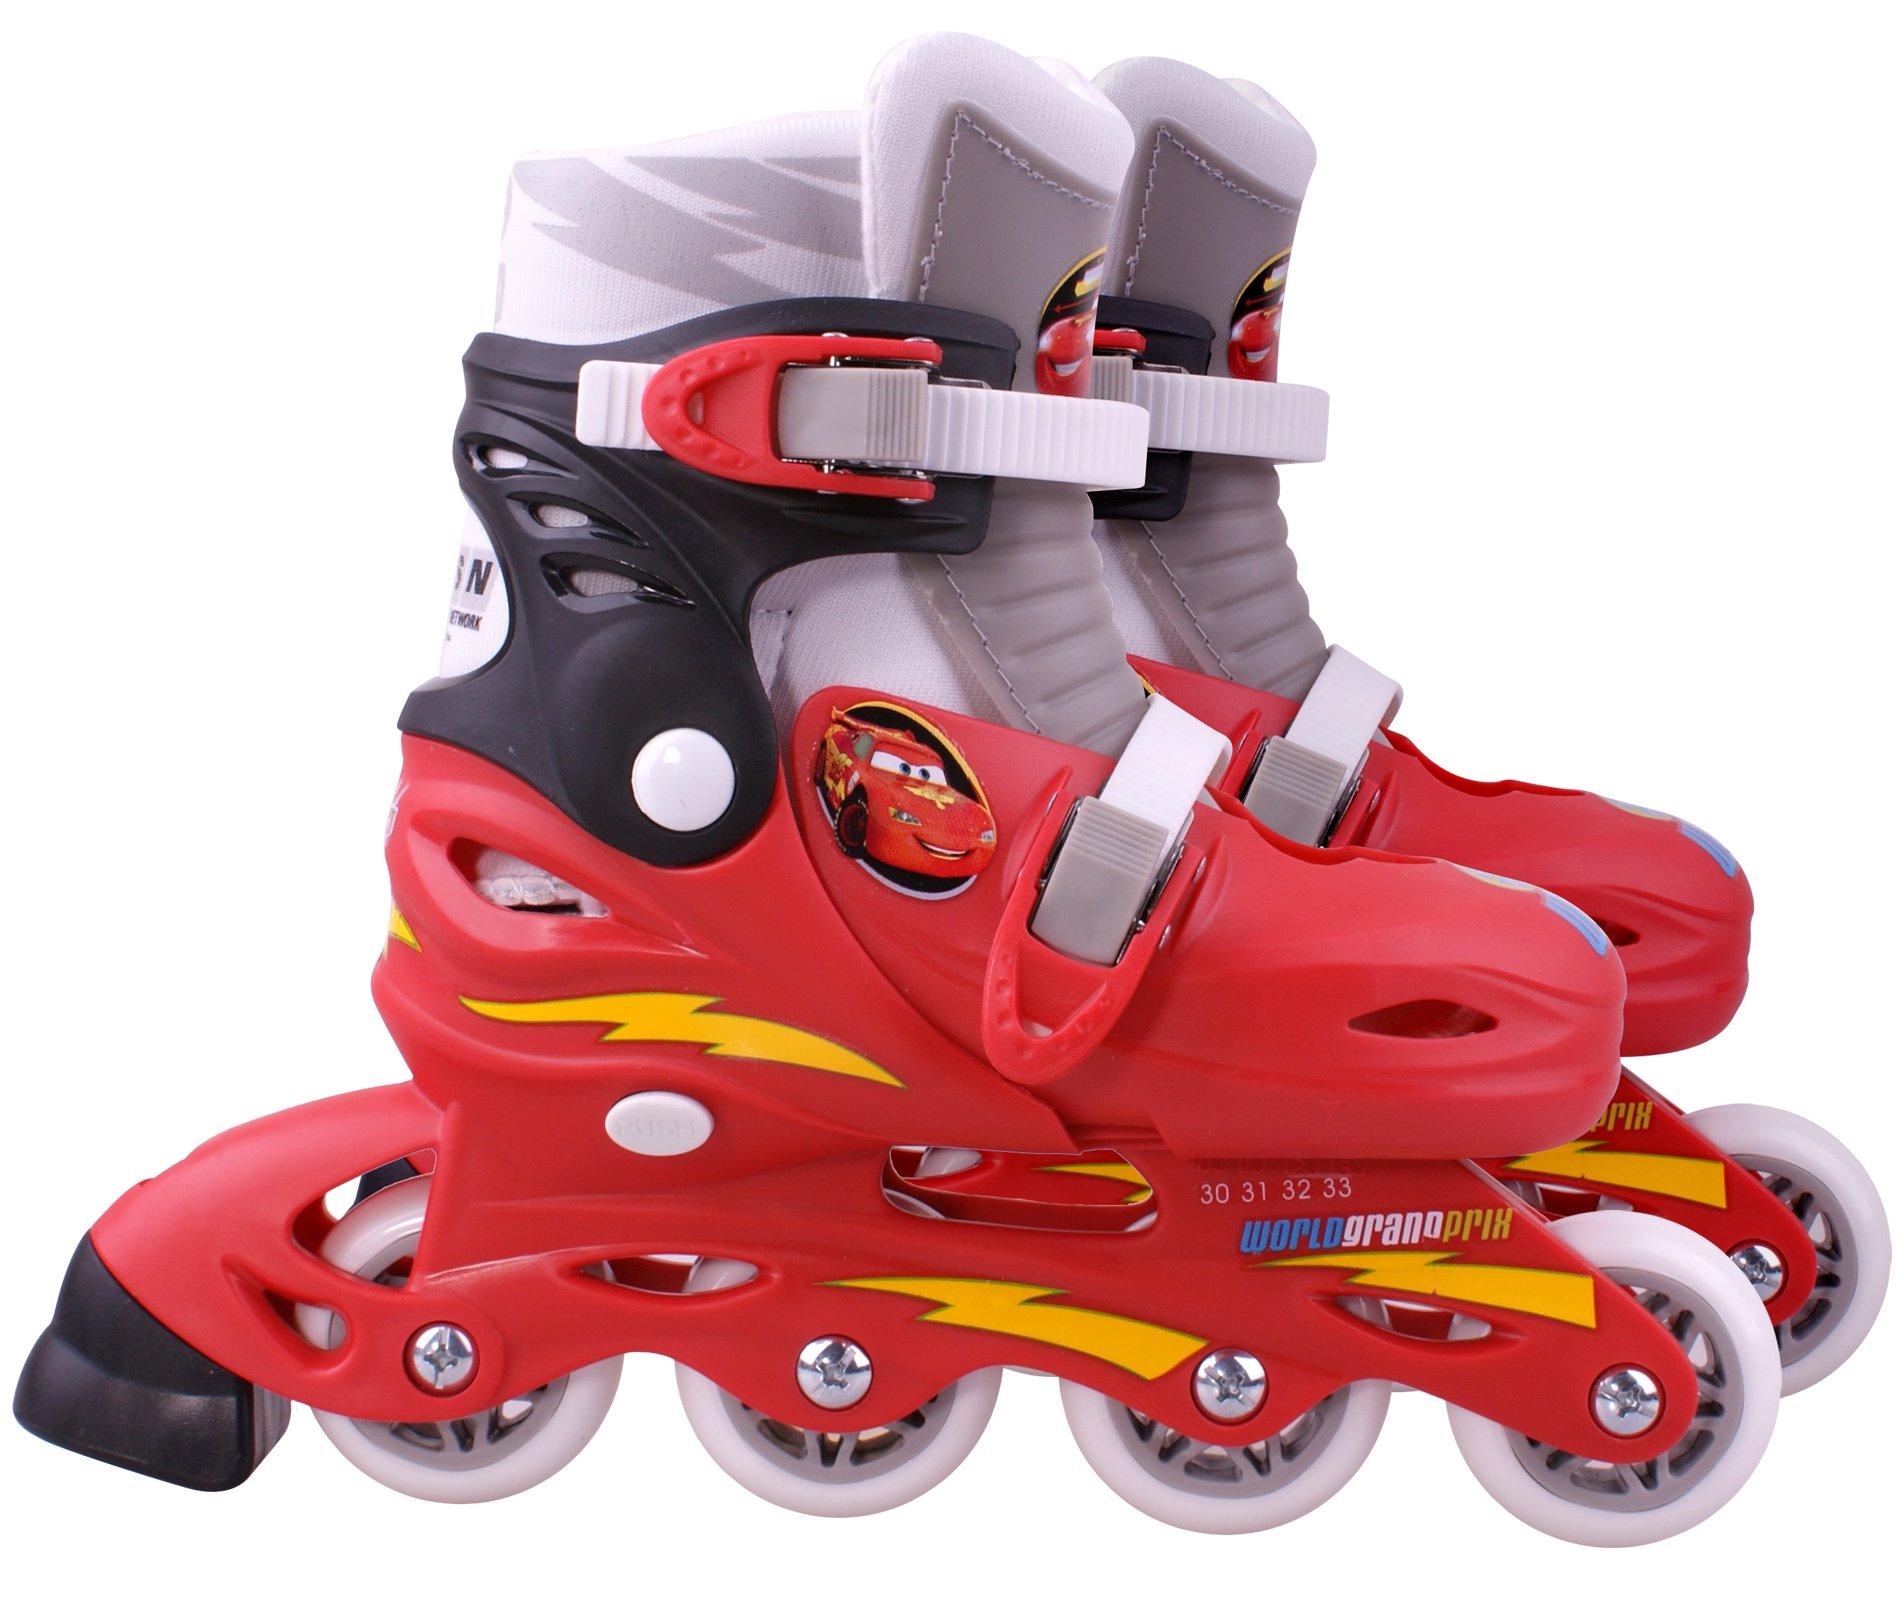 Disney Cars 2 Adjust Inline Skates Size 30 - 33